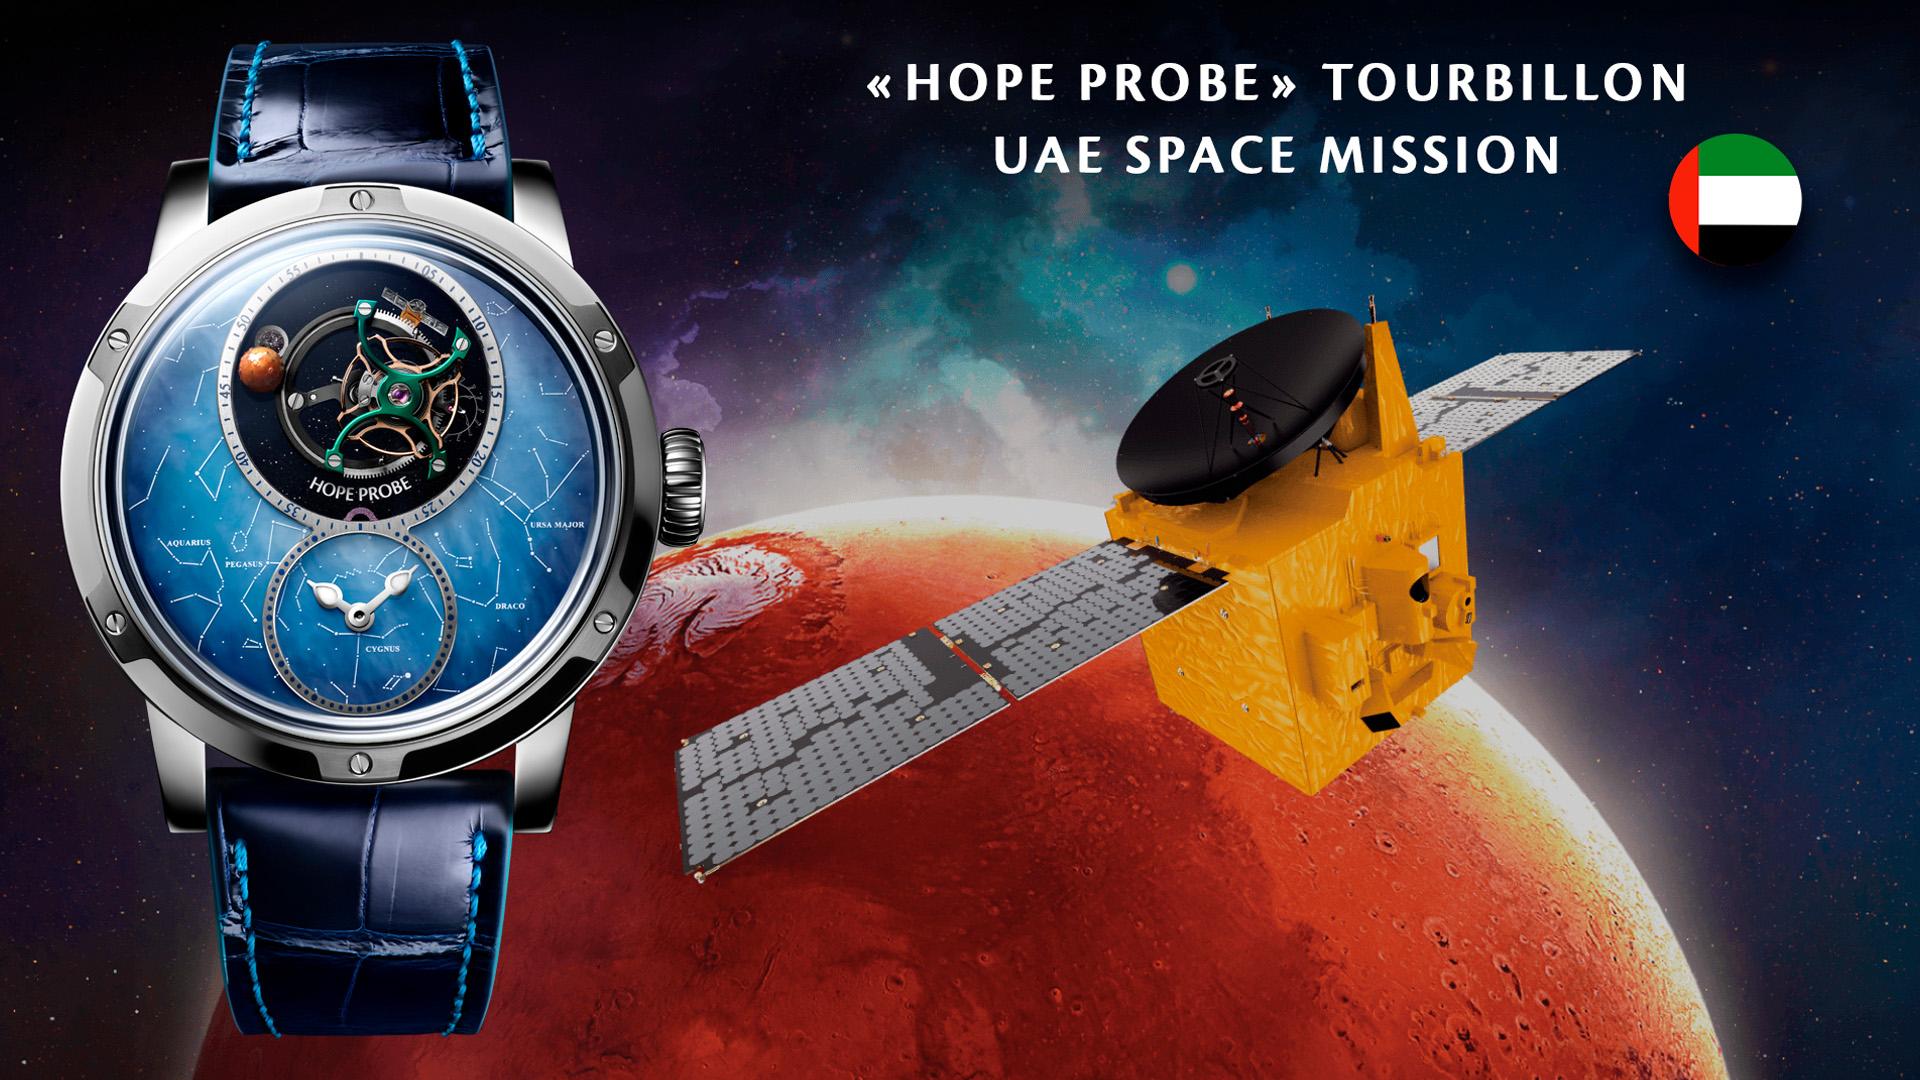 لويس موانيه تحتفي ببعثة الفضاء الإماراتية وتطرح توربيون مسبار الأمل